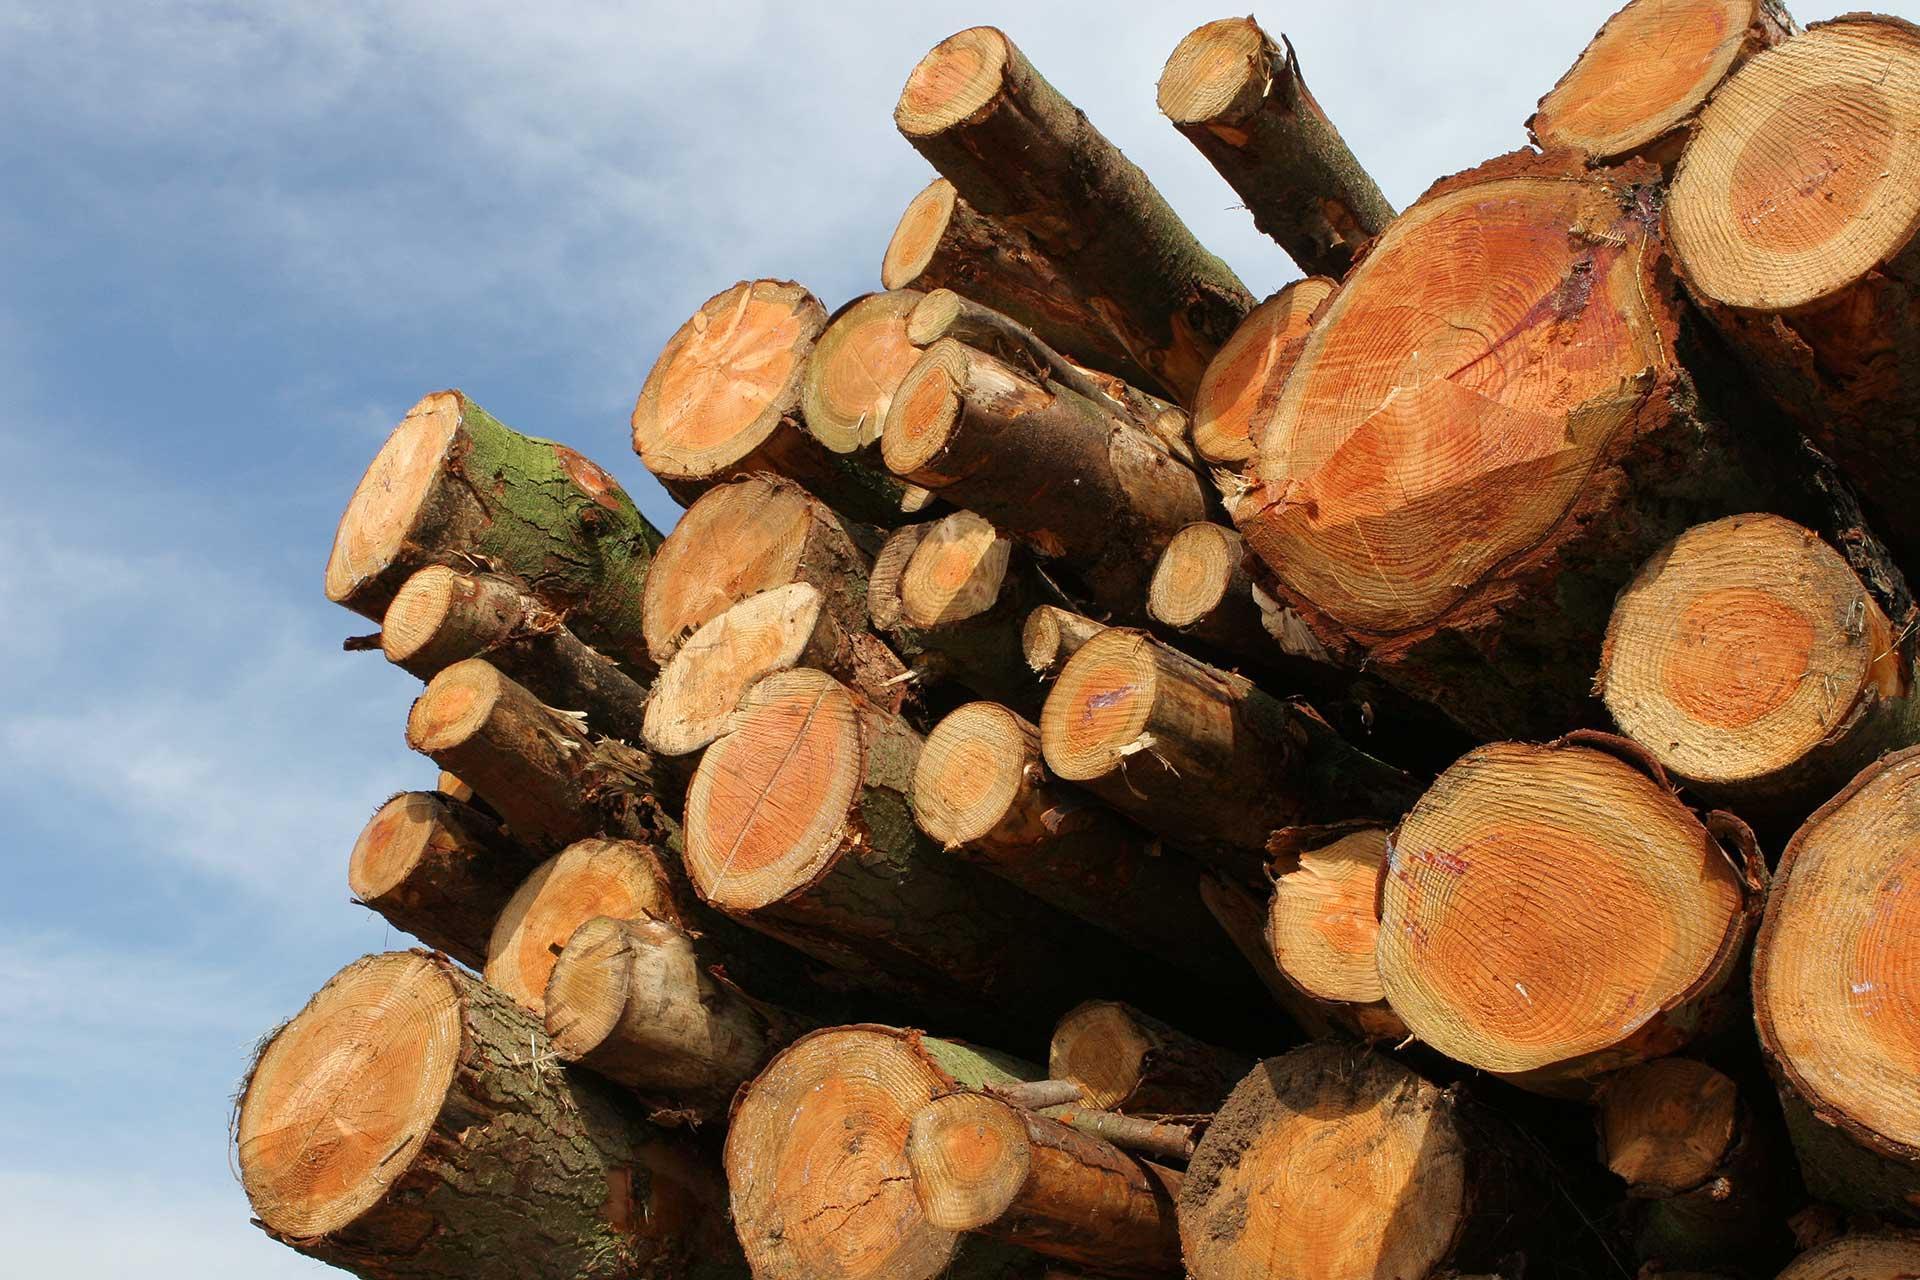 Montagna pistoiese. Strade chiuse, consegne saltate per le aziende forestali. Cia: «Situazione inaccettabile e intollerabile, serve senso di responsabilità dalle istituzioni»